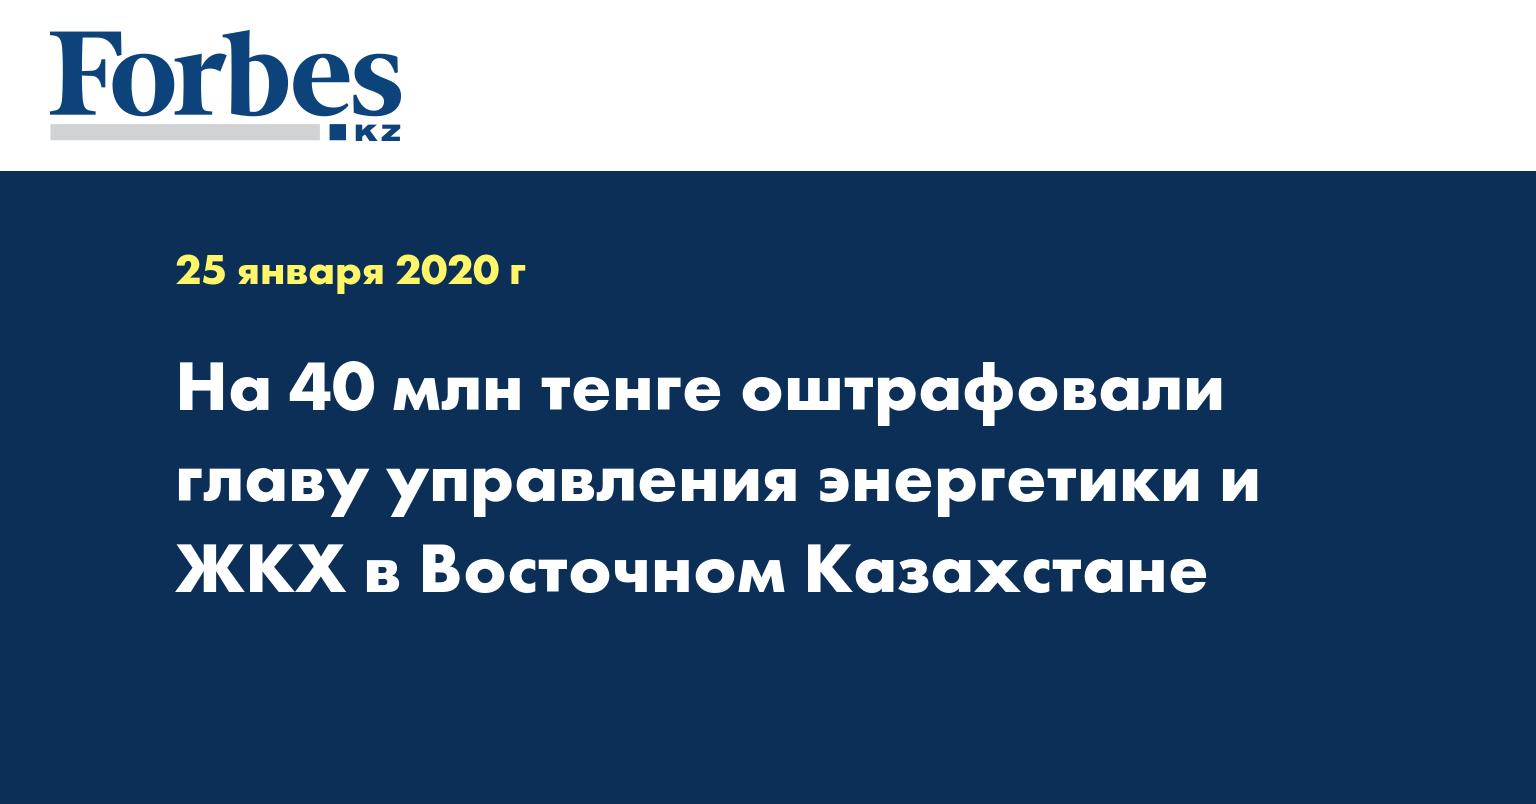 На 40 млн тенге оштрафовали главу управления энергетики и  ЖКХ в Восточном Казахстане